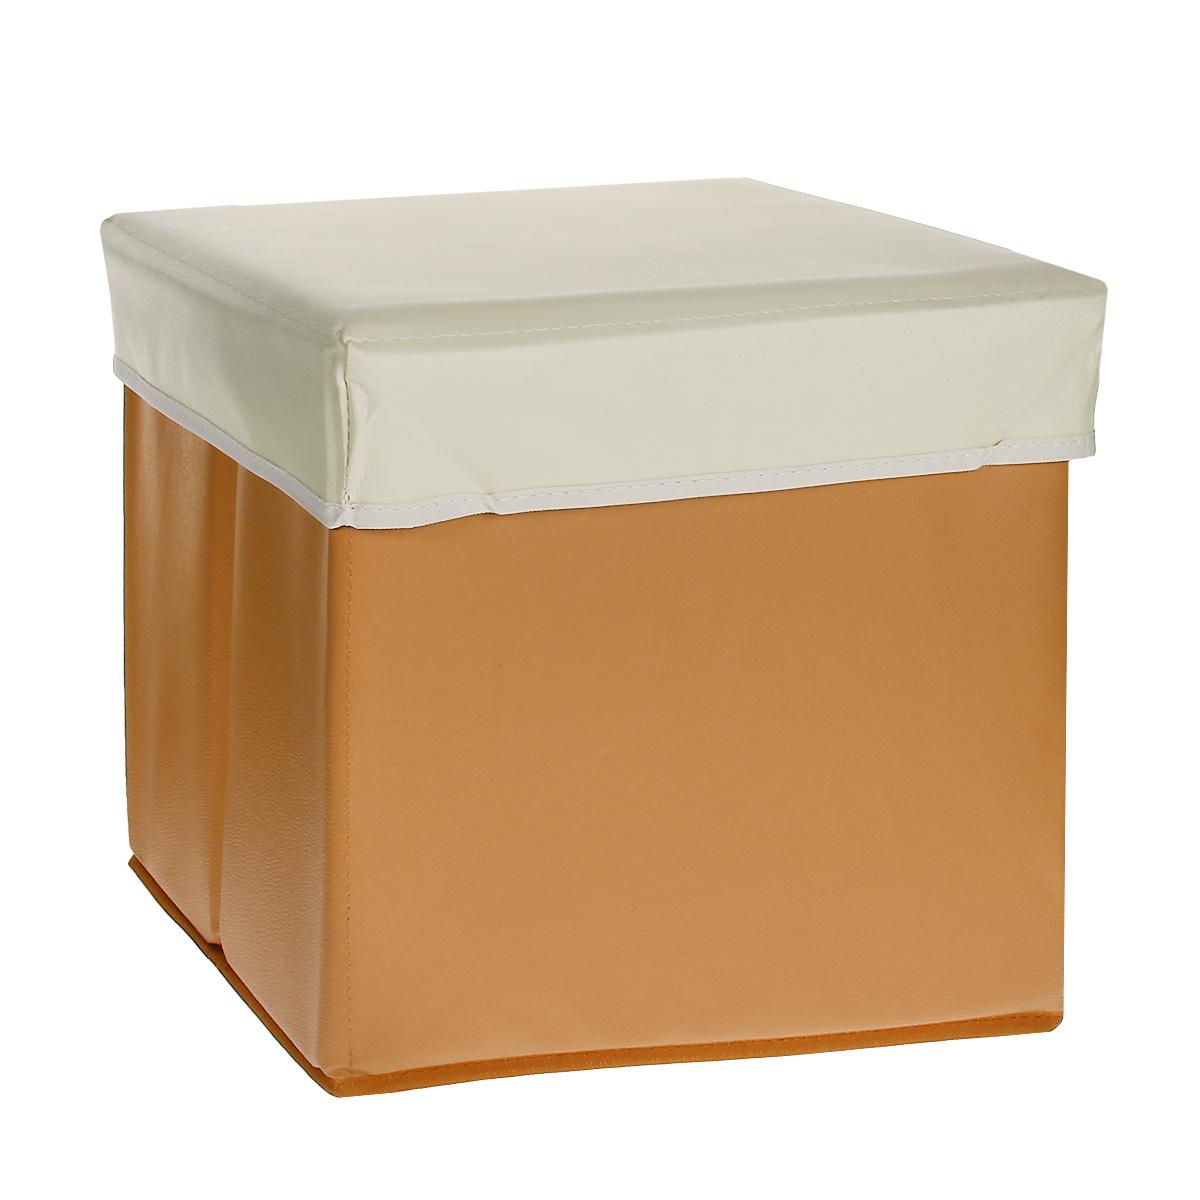 Пуфик складной Bradex Короб, цвет: коричневый, бежевый